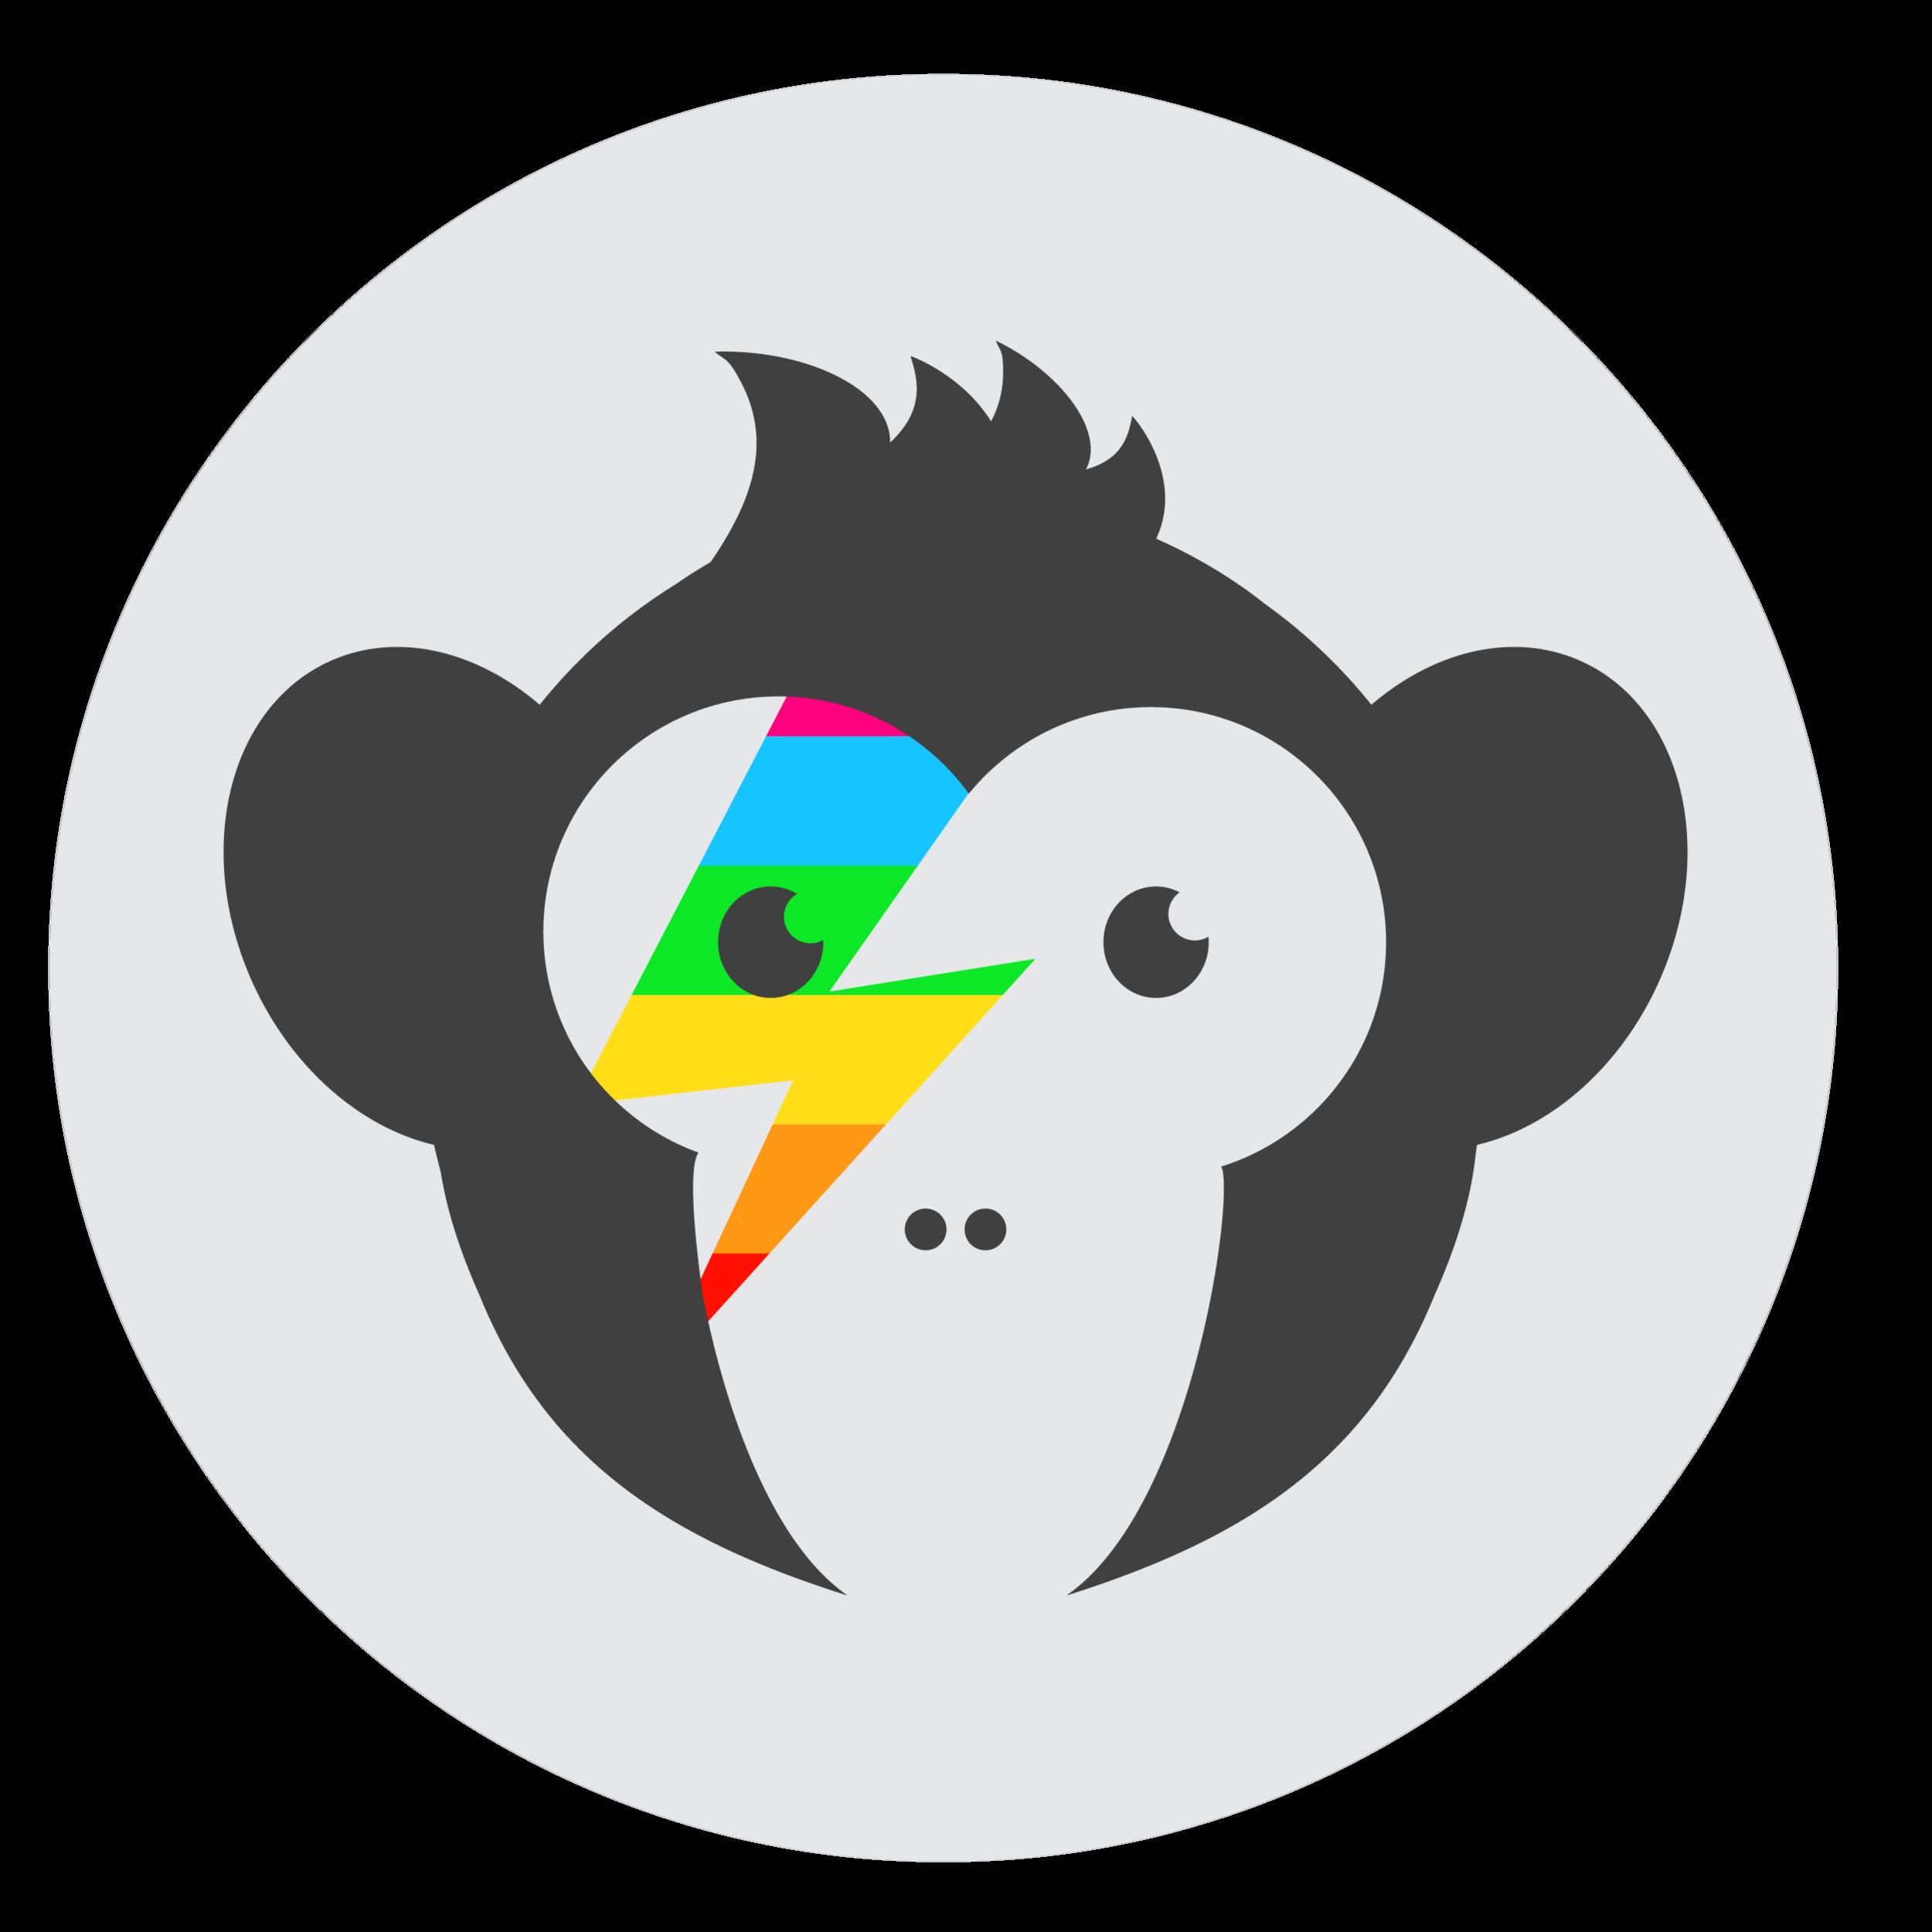 GM_Logo_Main-01.jpg